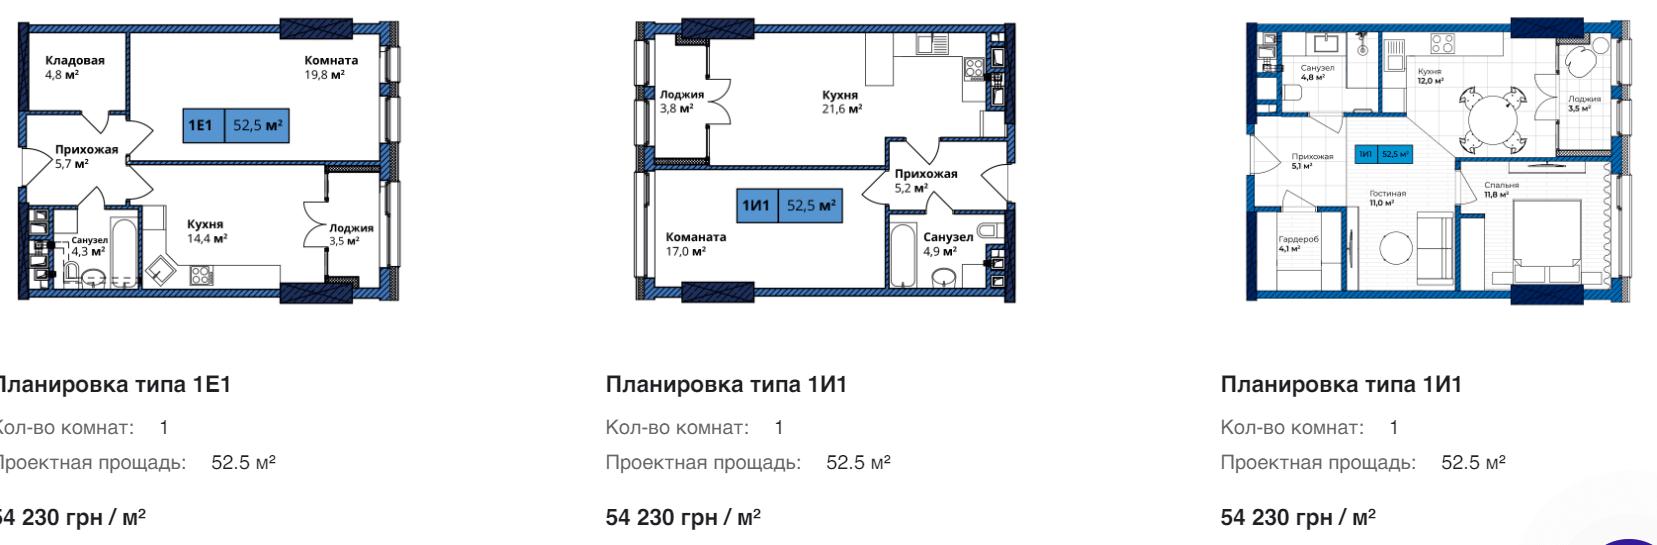 Схематическая планировка квартиры